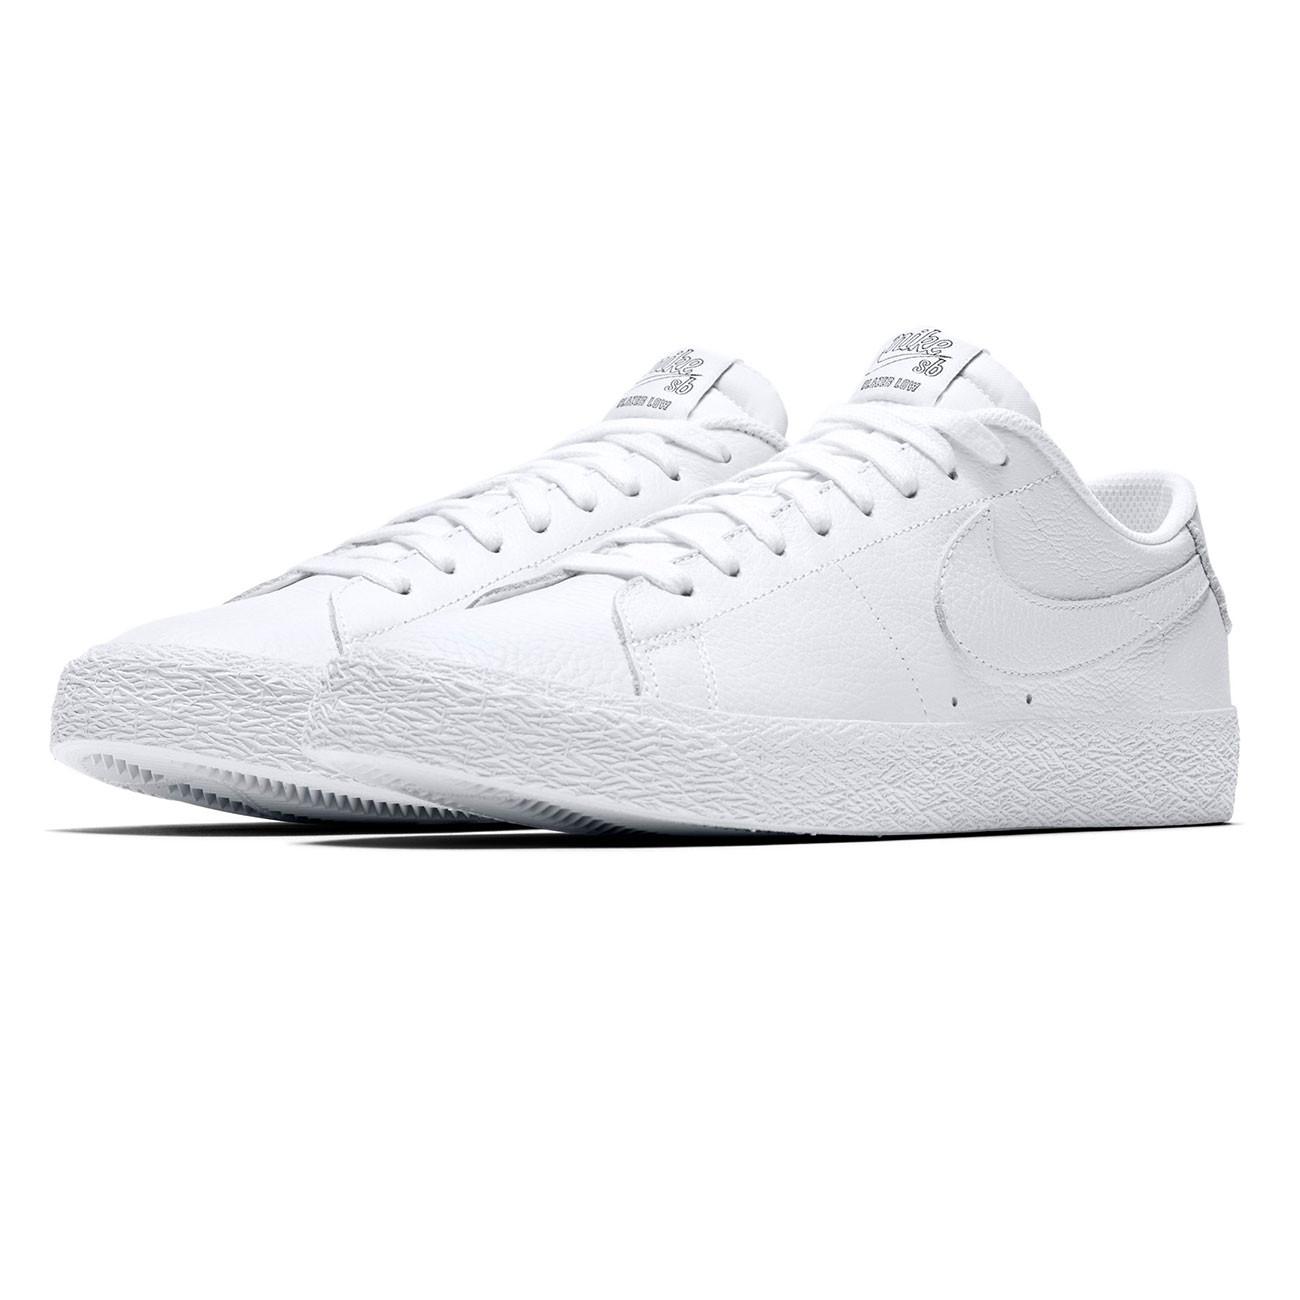 a1215301e2a8 Sneakers Nike SB Zoom Blazer Low Nba white white-rush blue-unvrst .